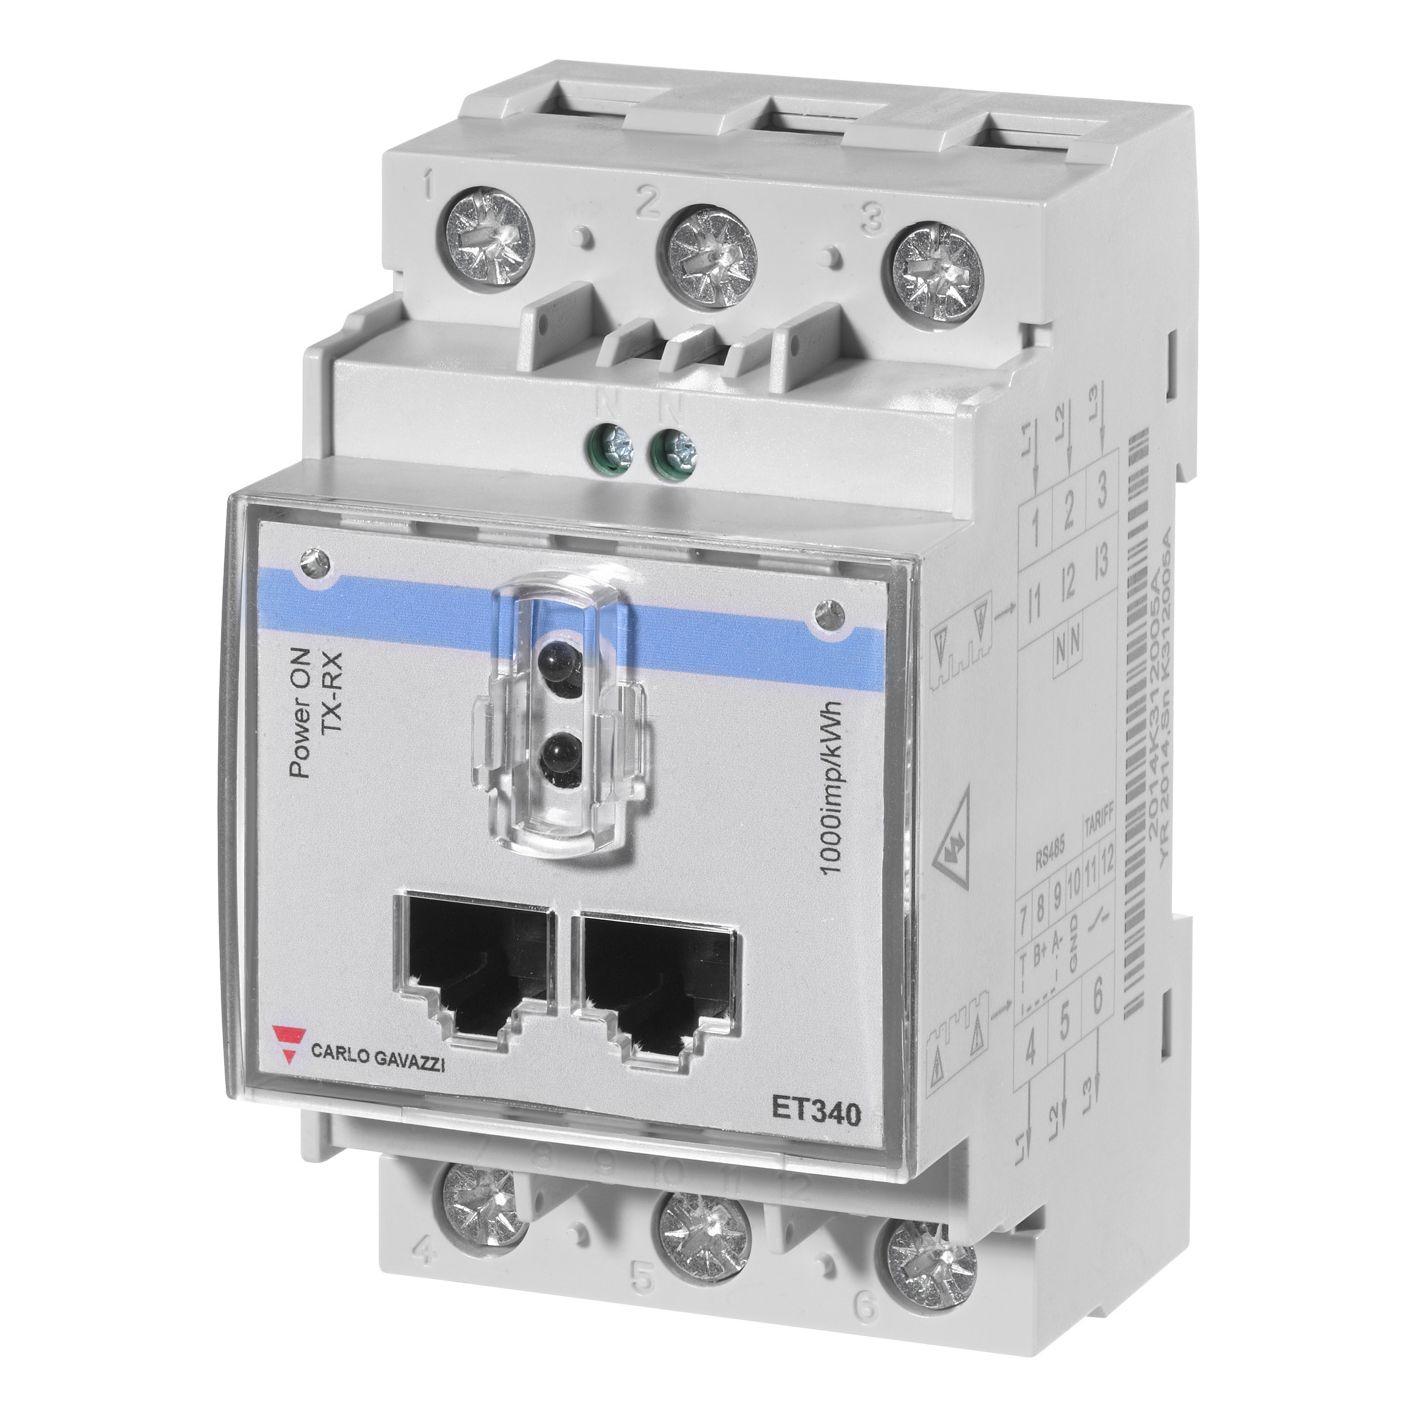 3-fase energi-/forbruksmåler for direkte måling. Uten display. RS485 Modbus grensesnitt og optisk port. Tilgang til alle relevante måleverdier. Modulærutførelse med byggebredde 3-moduler.